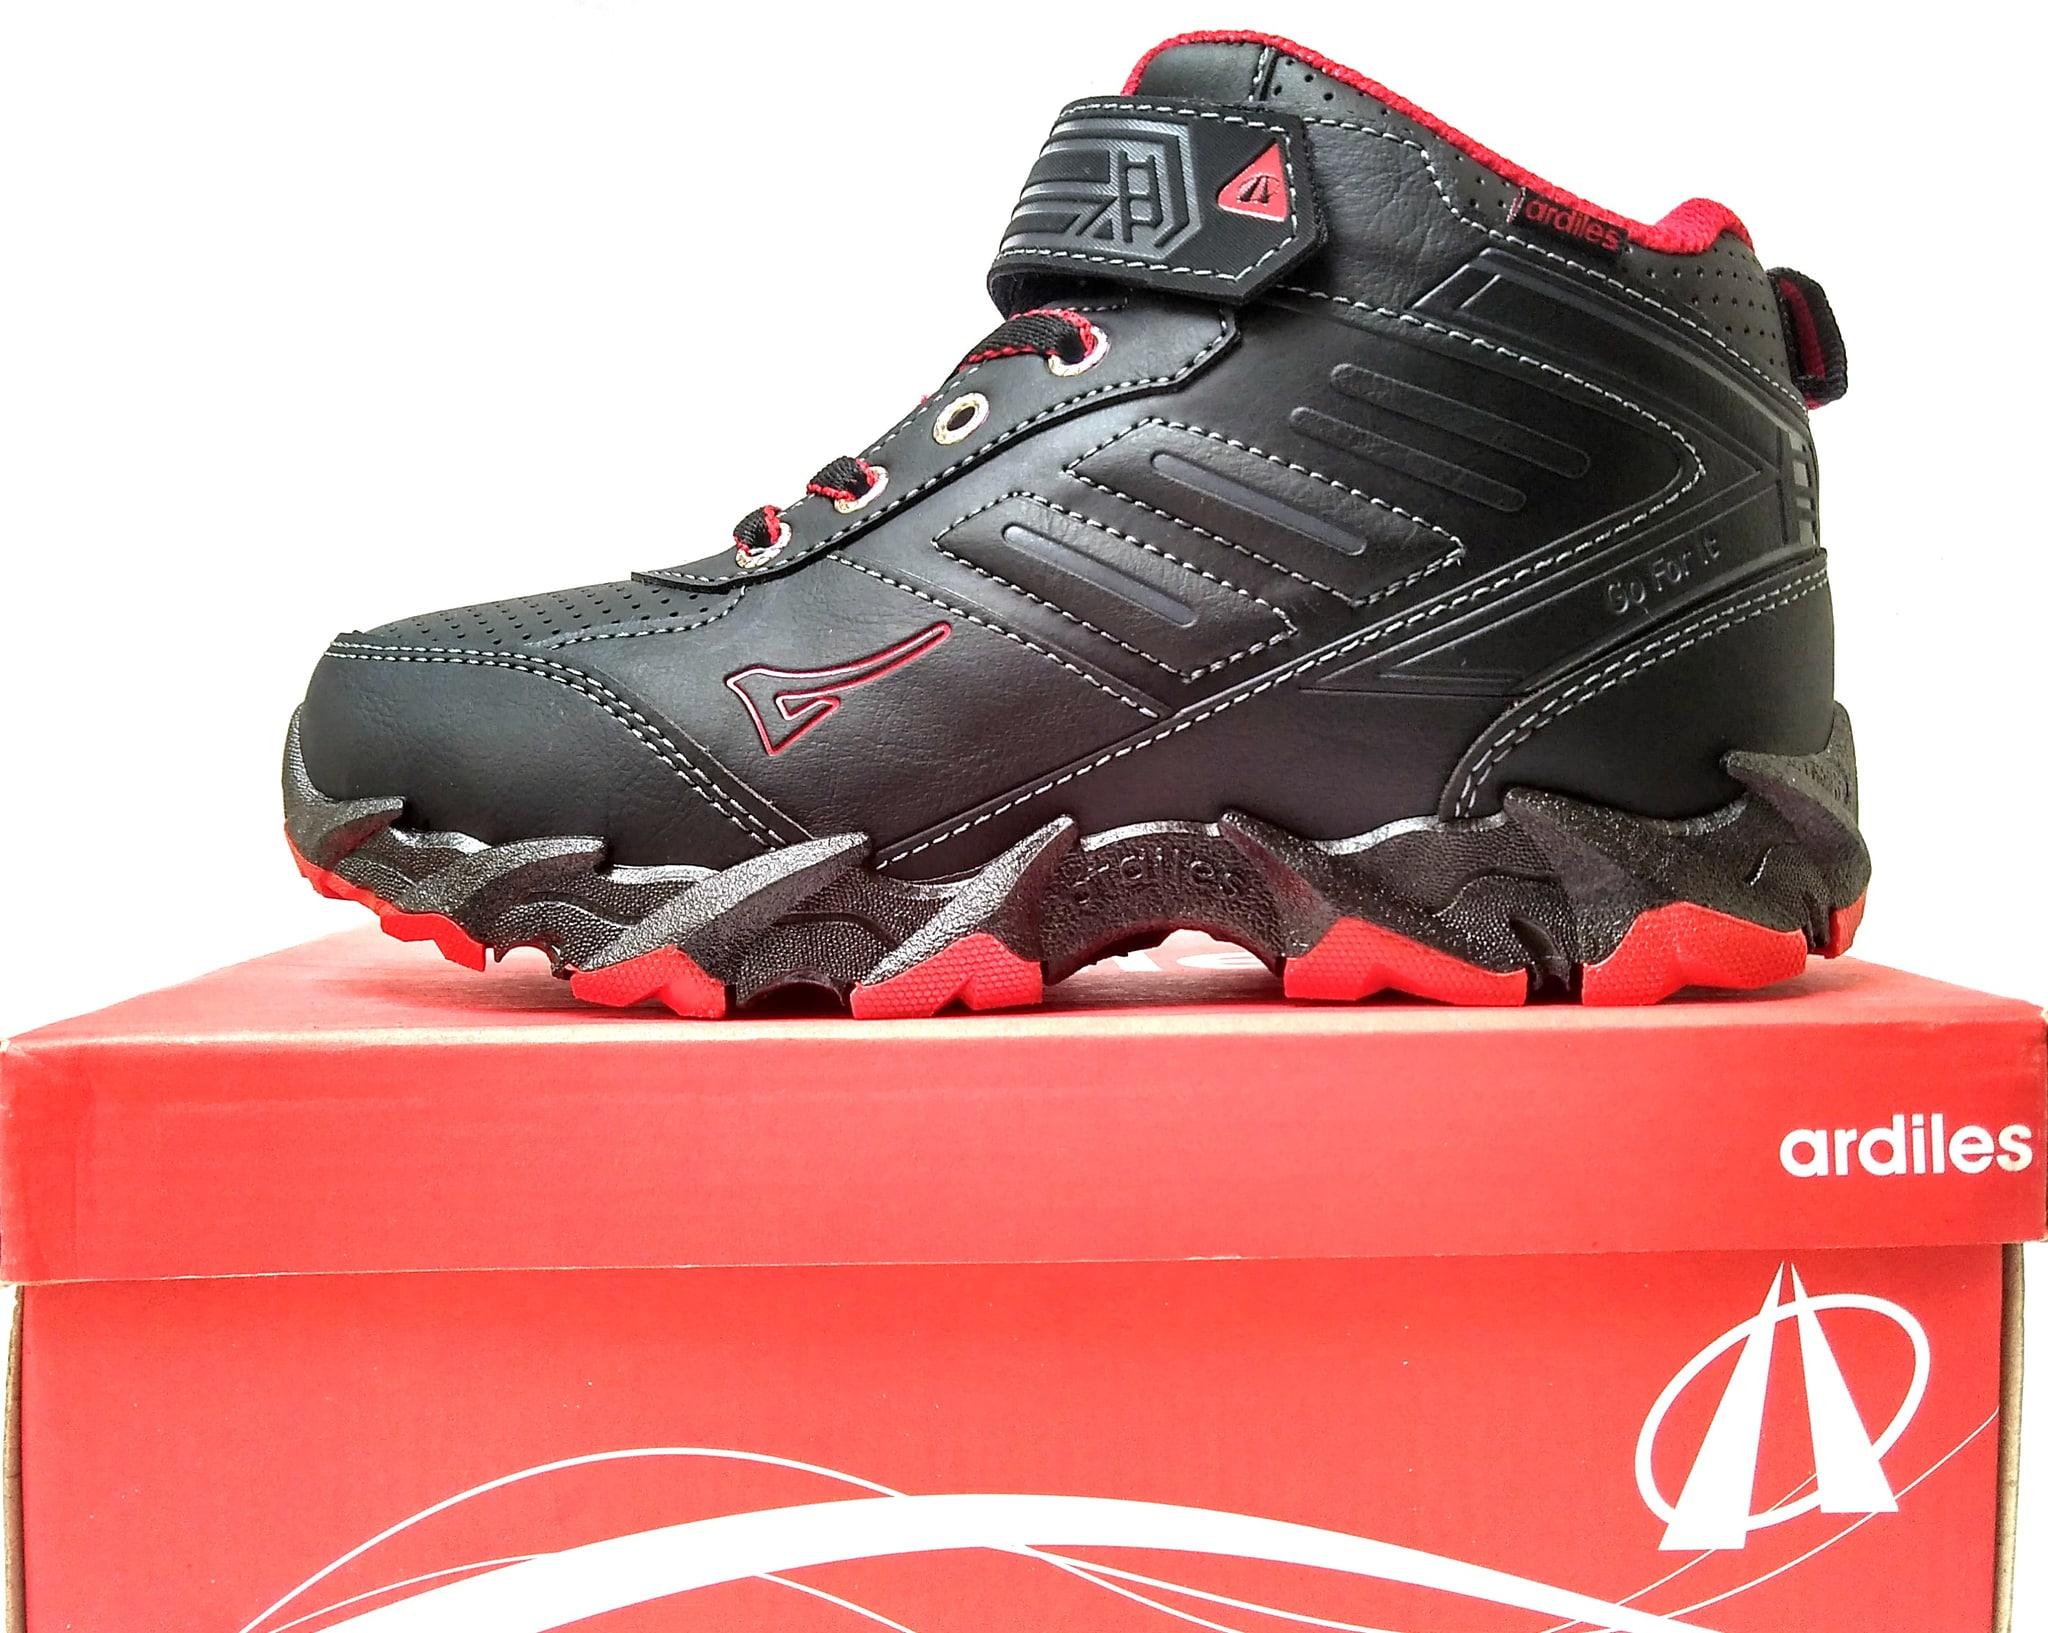 Jual Sepatu Ardiles Gustavo Black Red Sepatu Anak Sepatu Sekolah